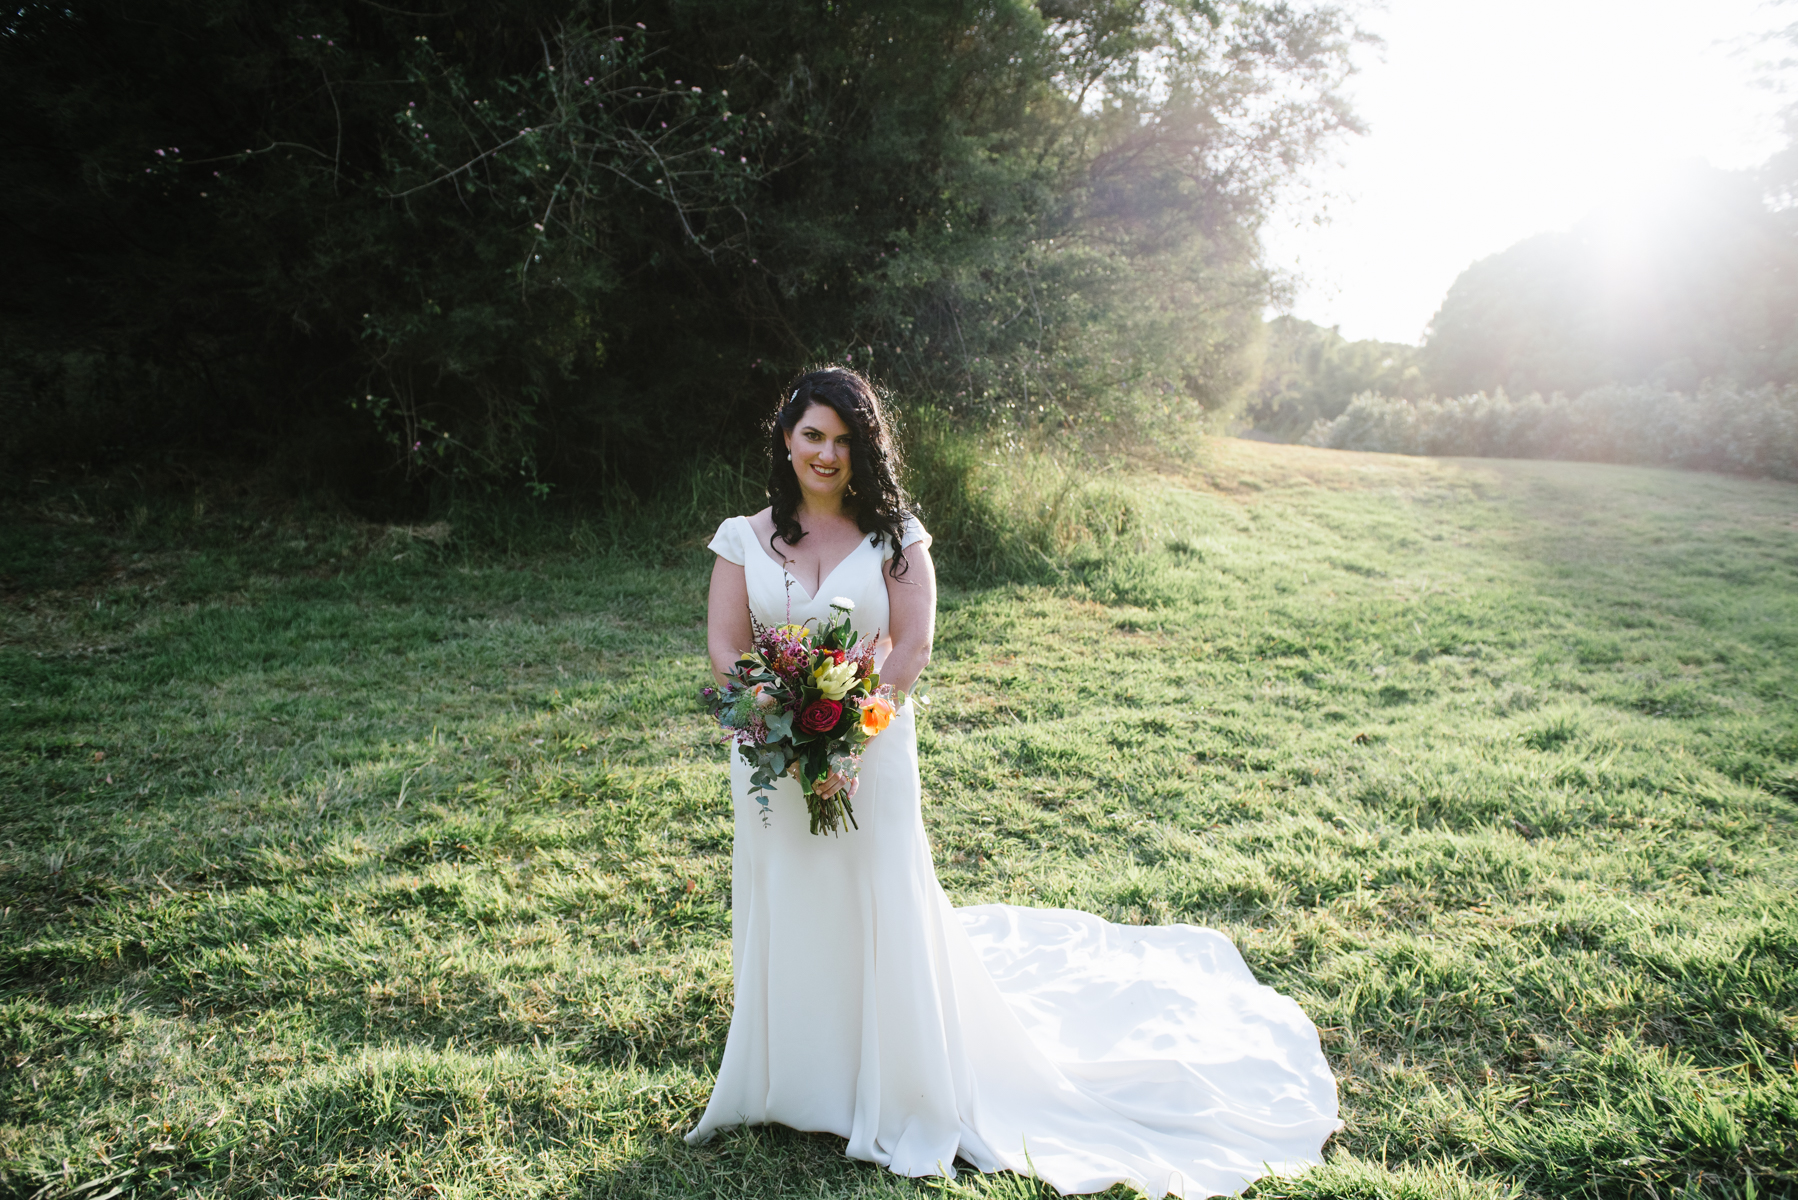 sarahandBenwedding- skyla sage photography weddings, families, byron bay,tweed coast,kingscliff,cabarita,gold coast-733.jpg